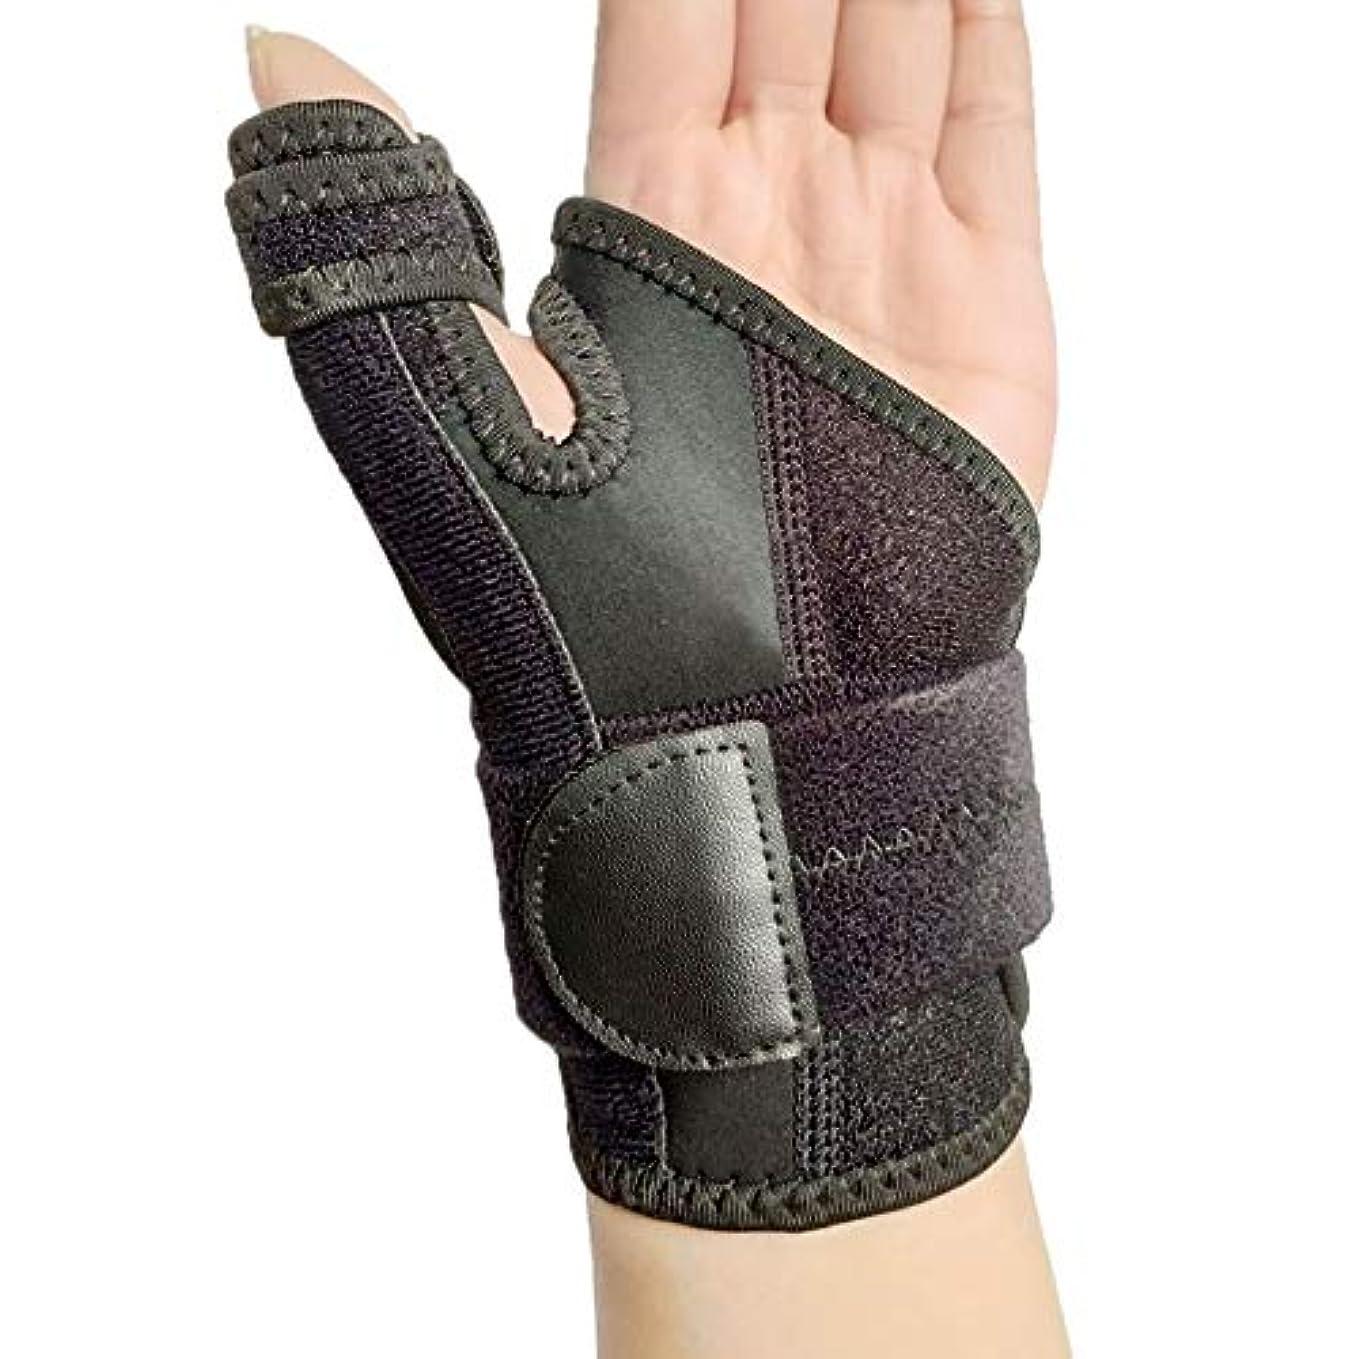 許される剛性キャプチャー調節可能な手の捻挫メンズ?レディース?便利なスポーツ破壊無垢バンド手根管手首のサポートブレースベルト親指Bracer